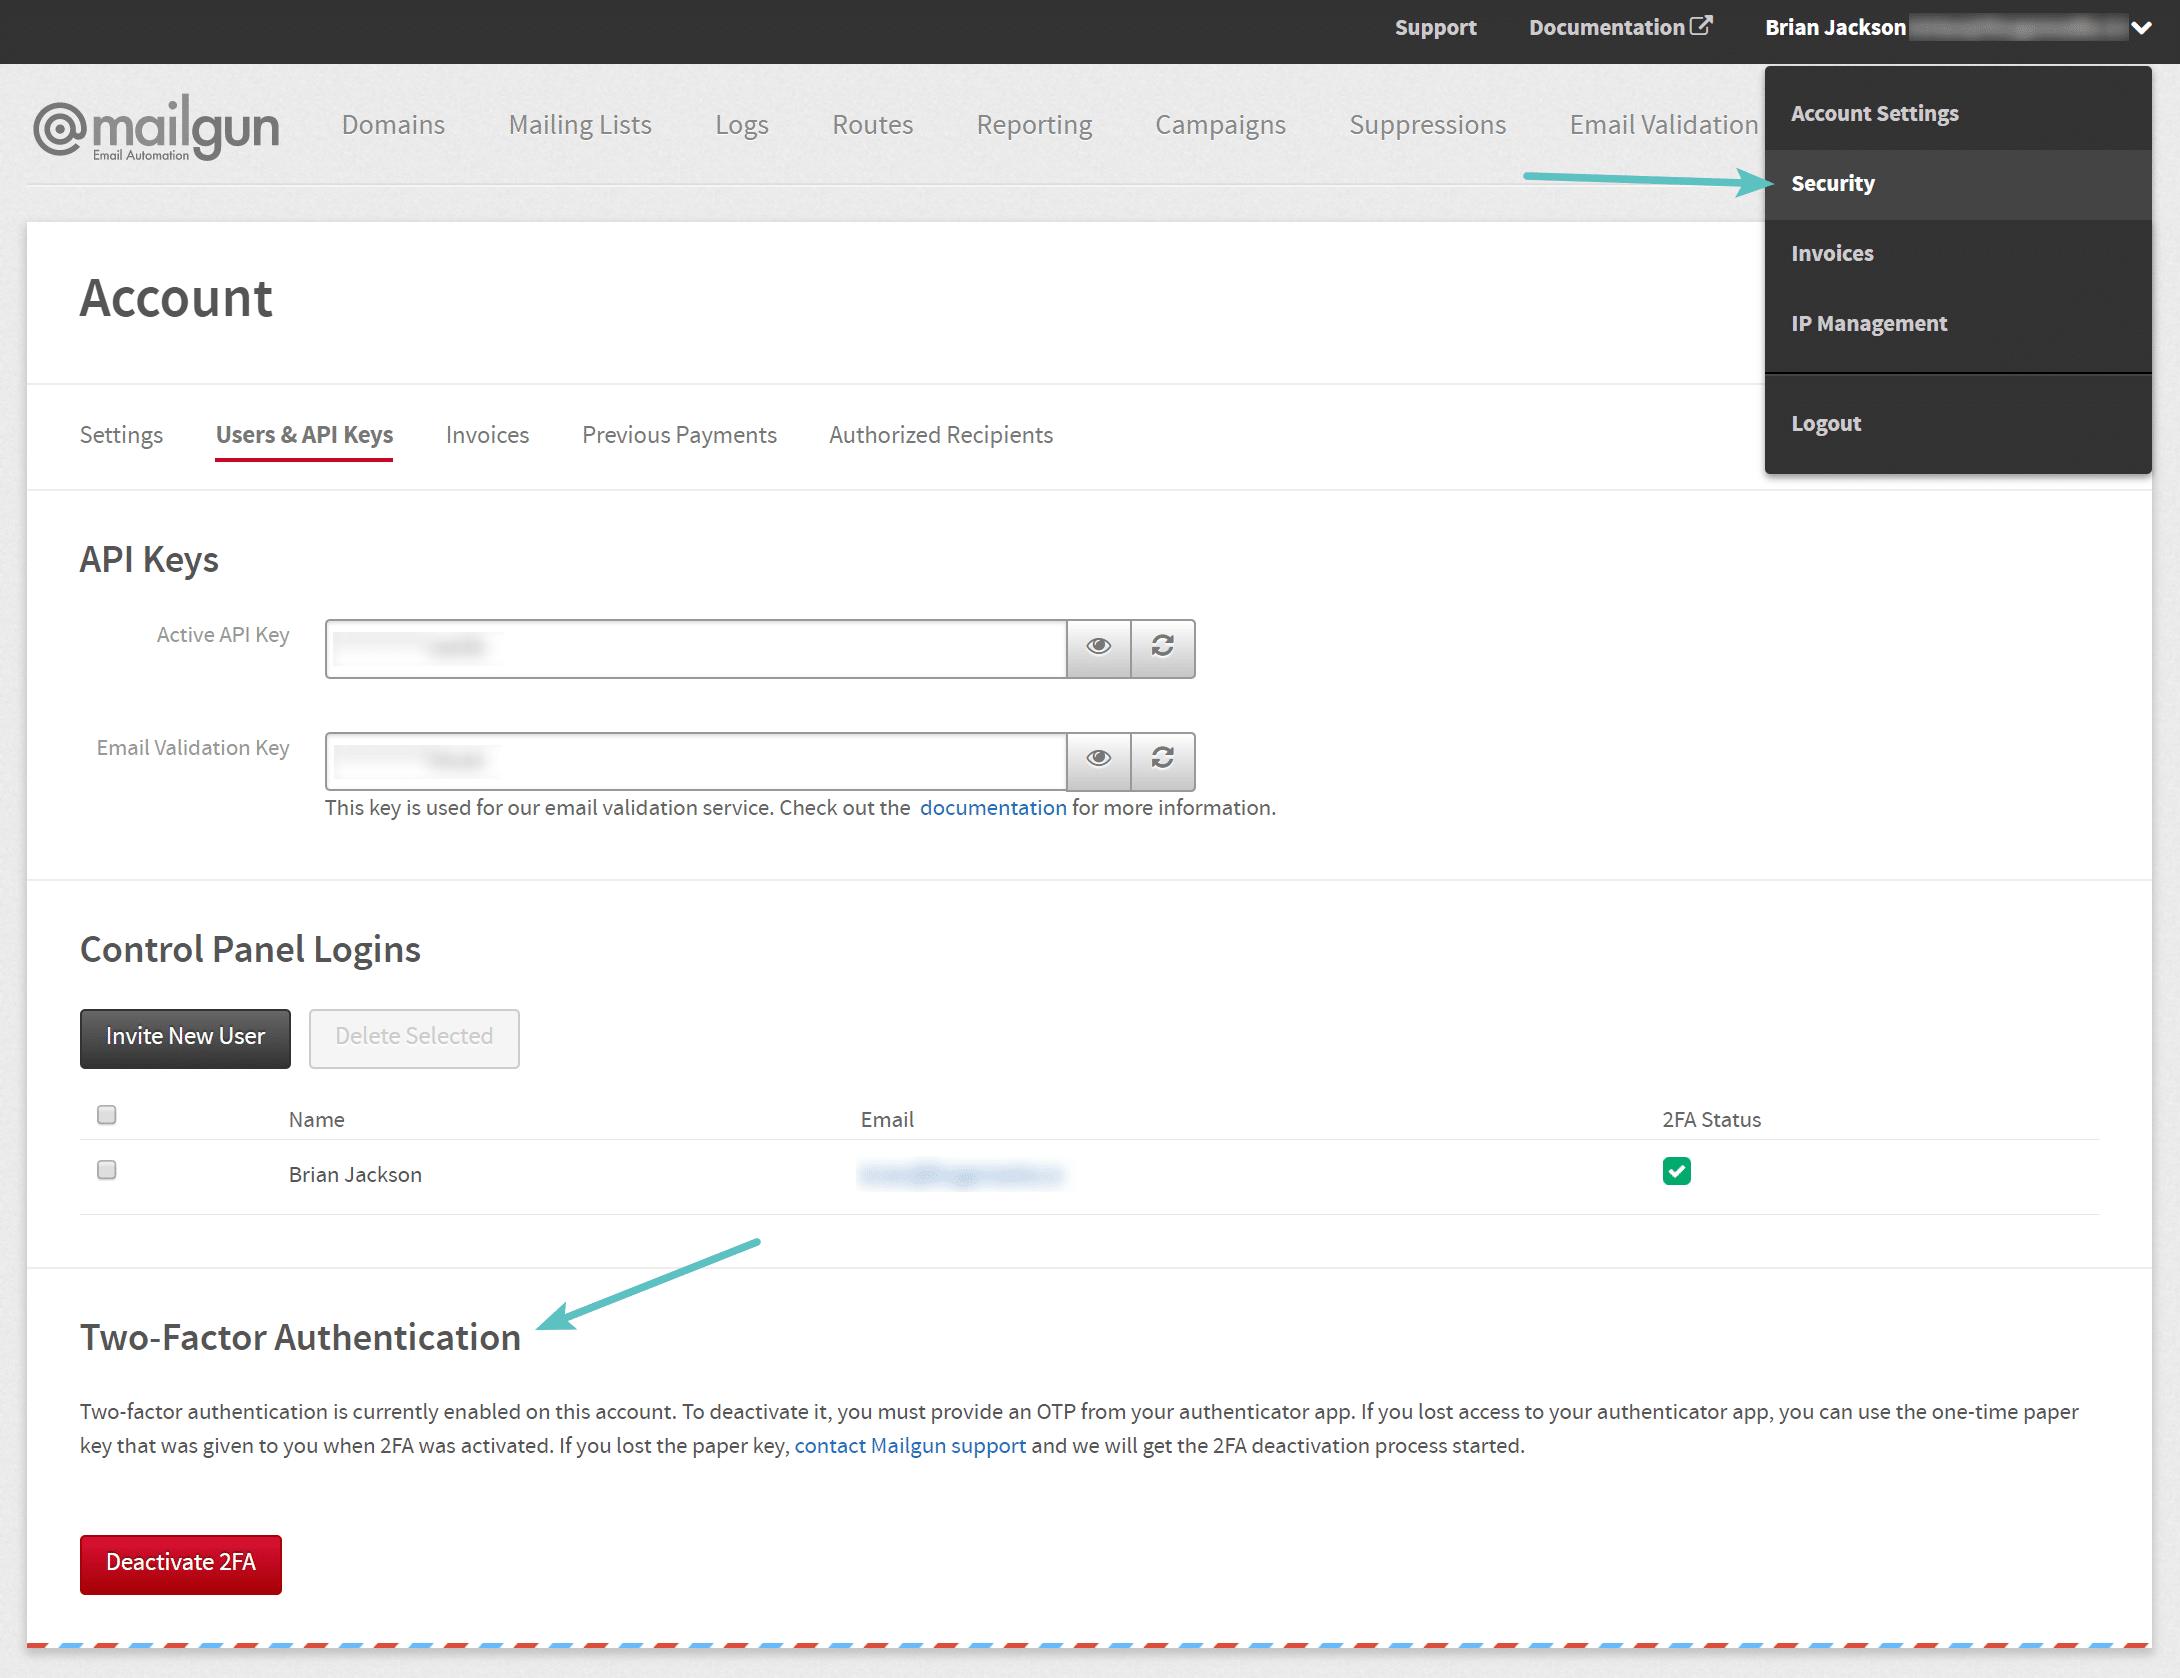 Authentification à deux facteurs sur Mailgun